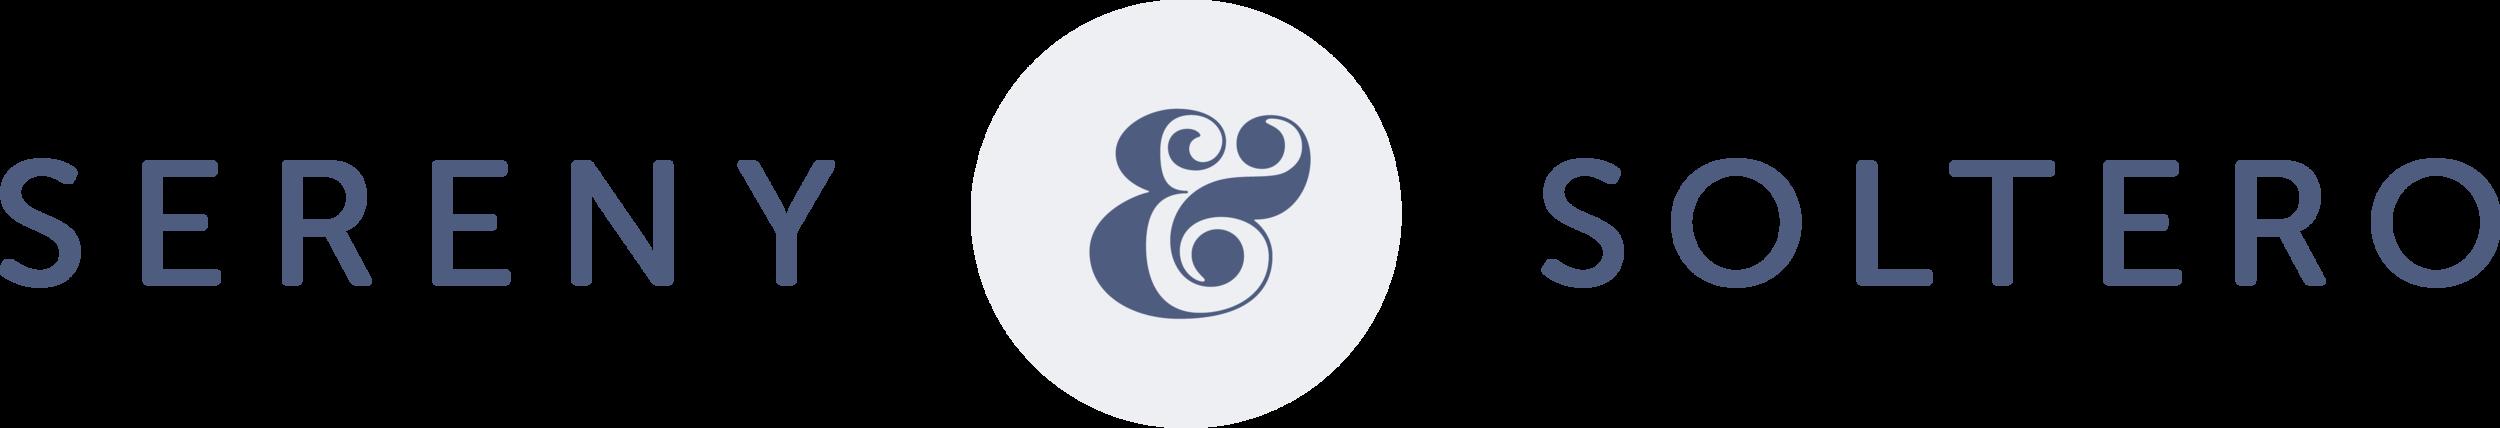 Sereny&Soltero Logo.png